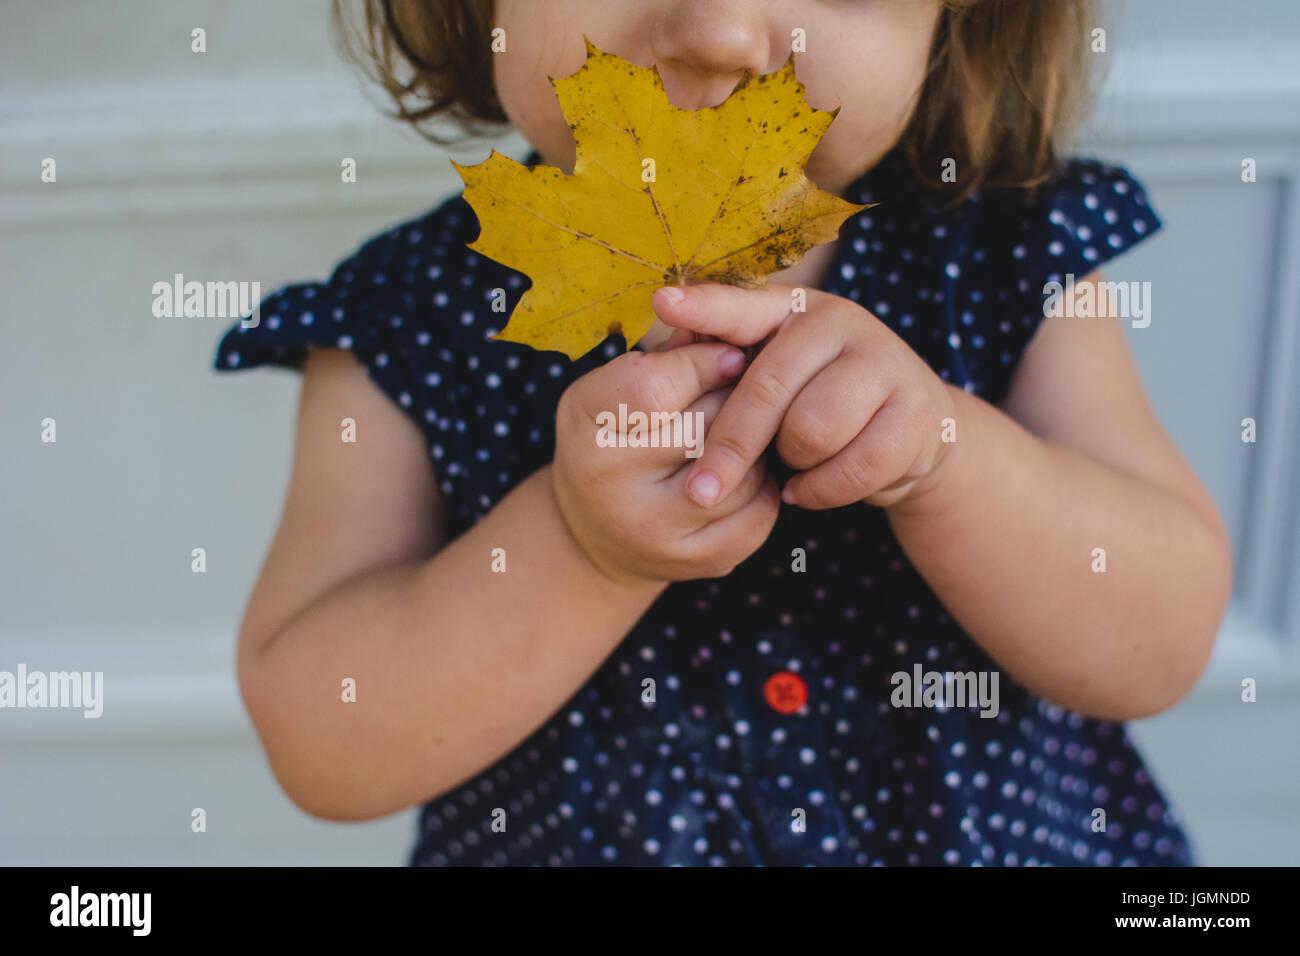 Un jeune enfant tenir une feuille jaune en automne. Photo Stock